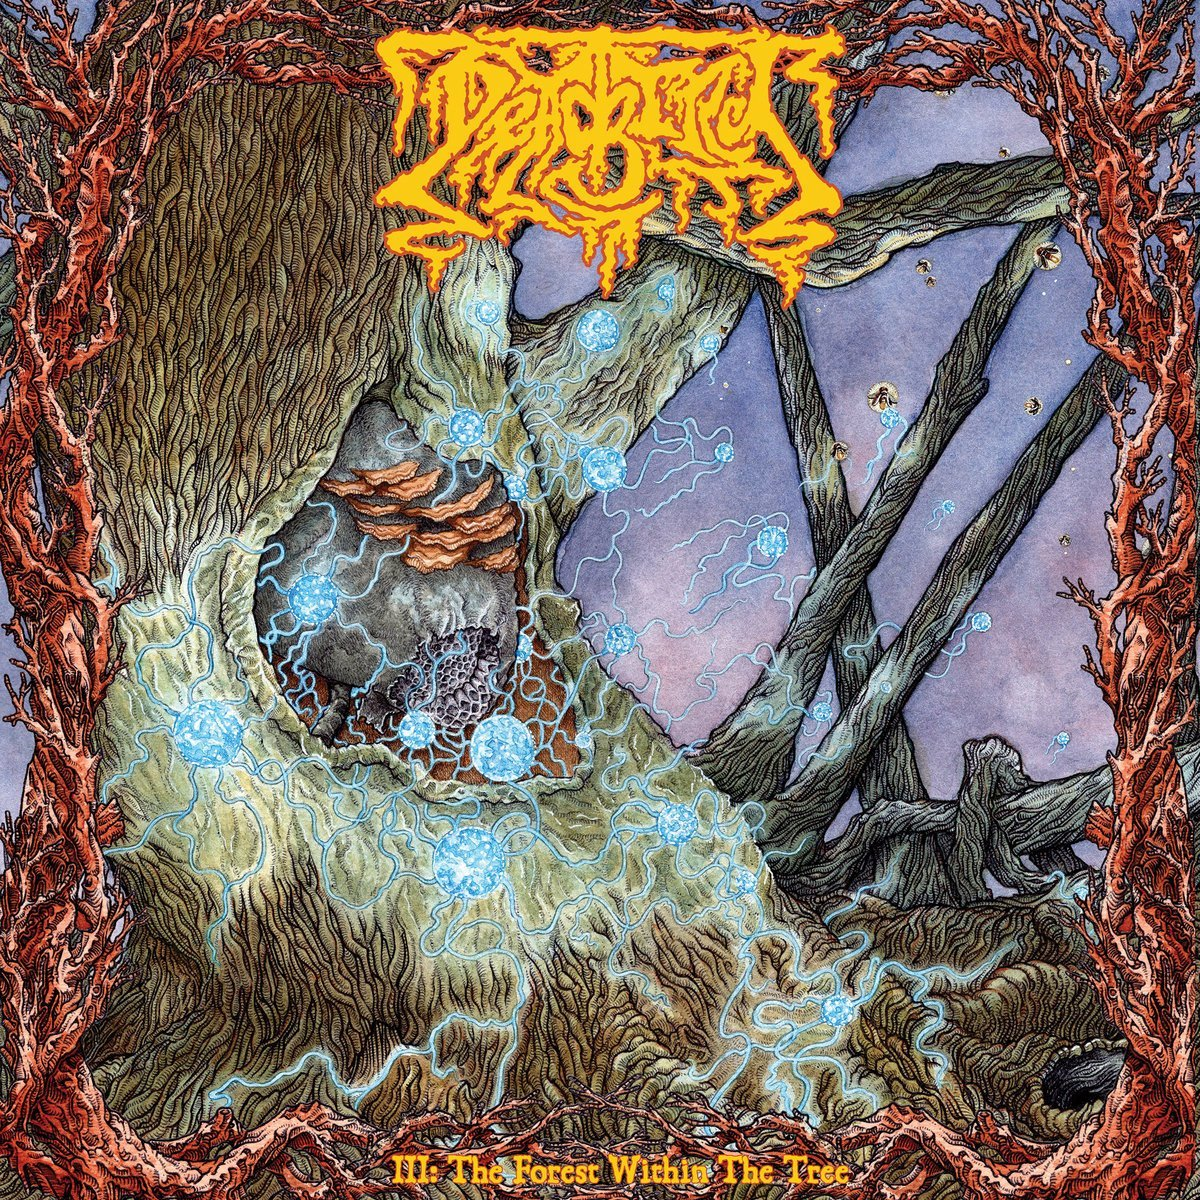 Vinilo : Deadbird - Iii: The Forest Within The Tree (LP Vinyl)